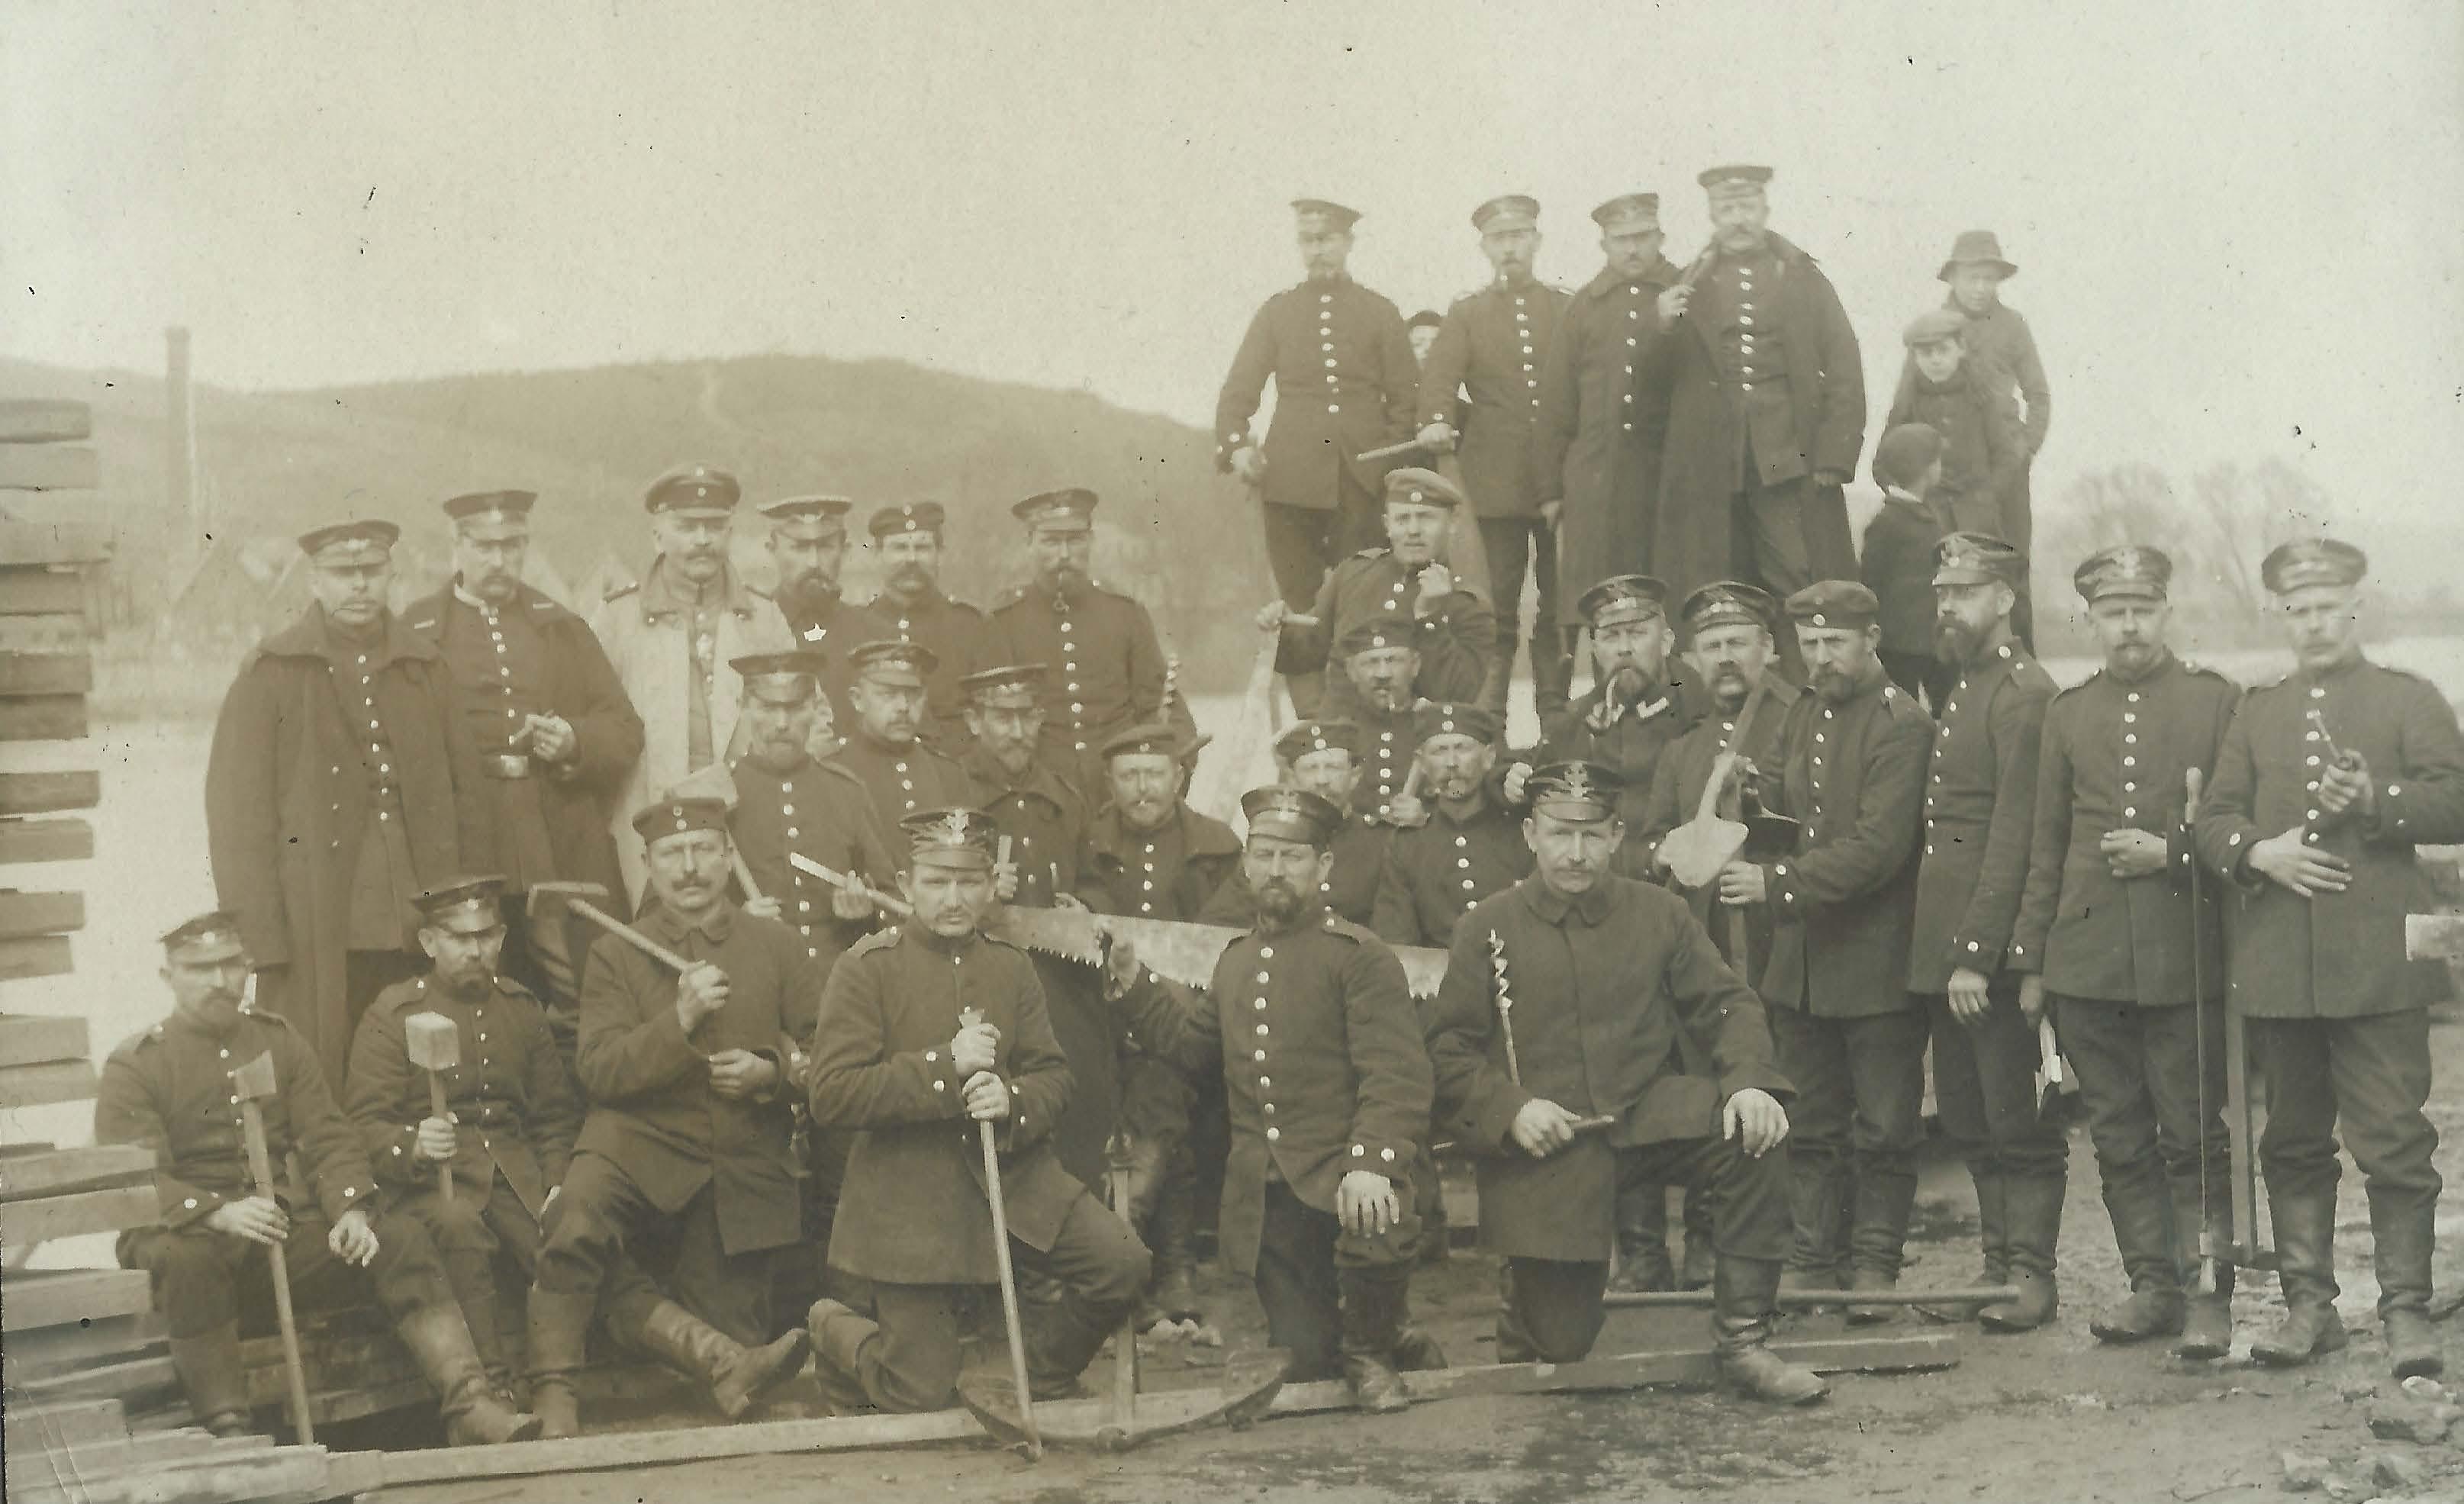 Les pionniers allemands et le pont sur lequel le charroi ennemi se dirige vers Seilles (coll. Christophe Liégeois et Georges Taton).